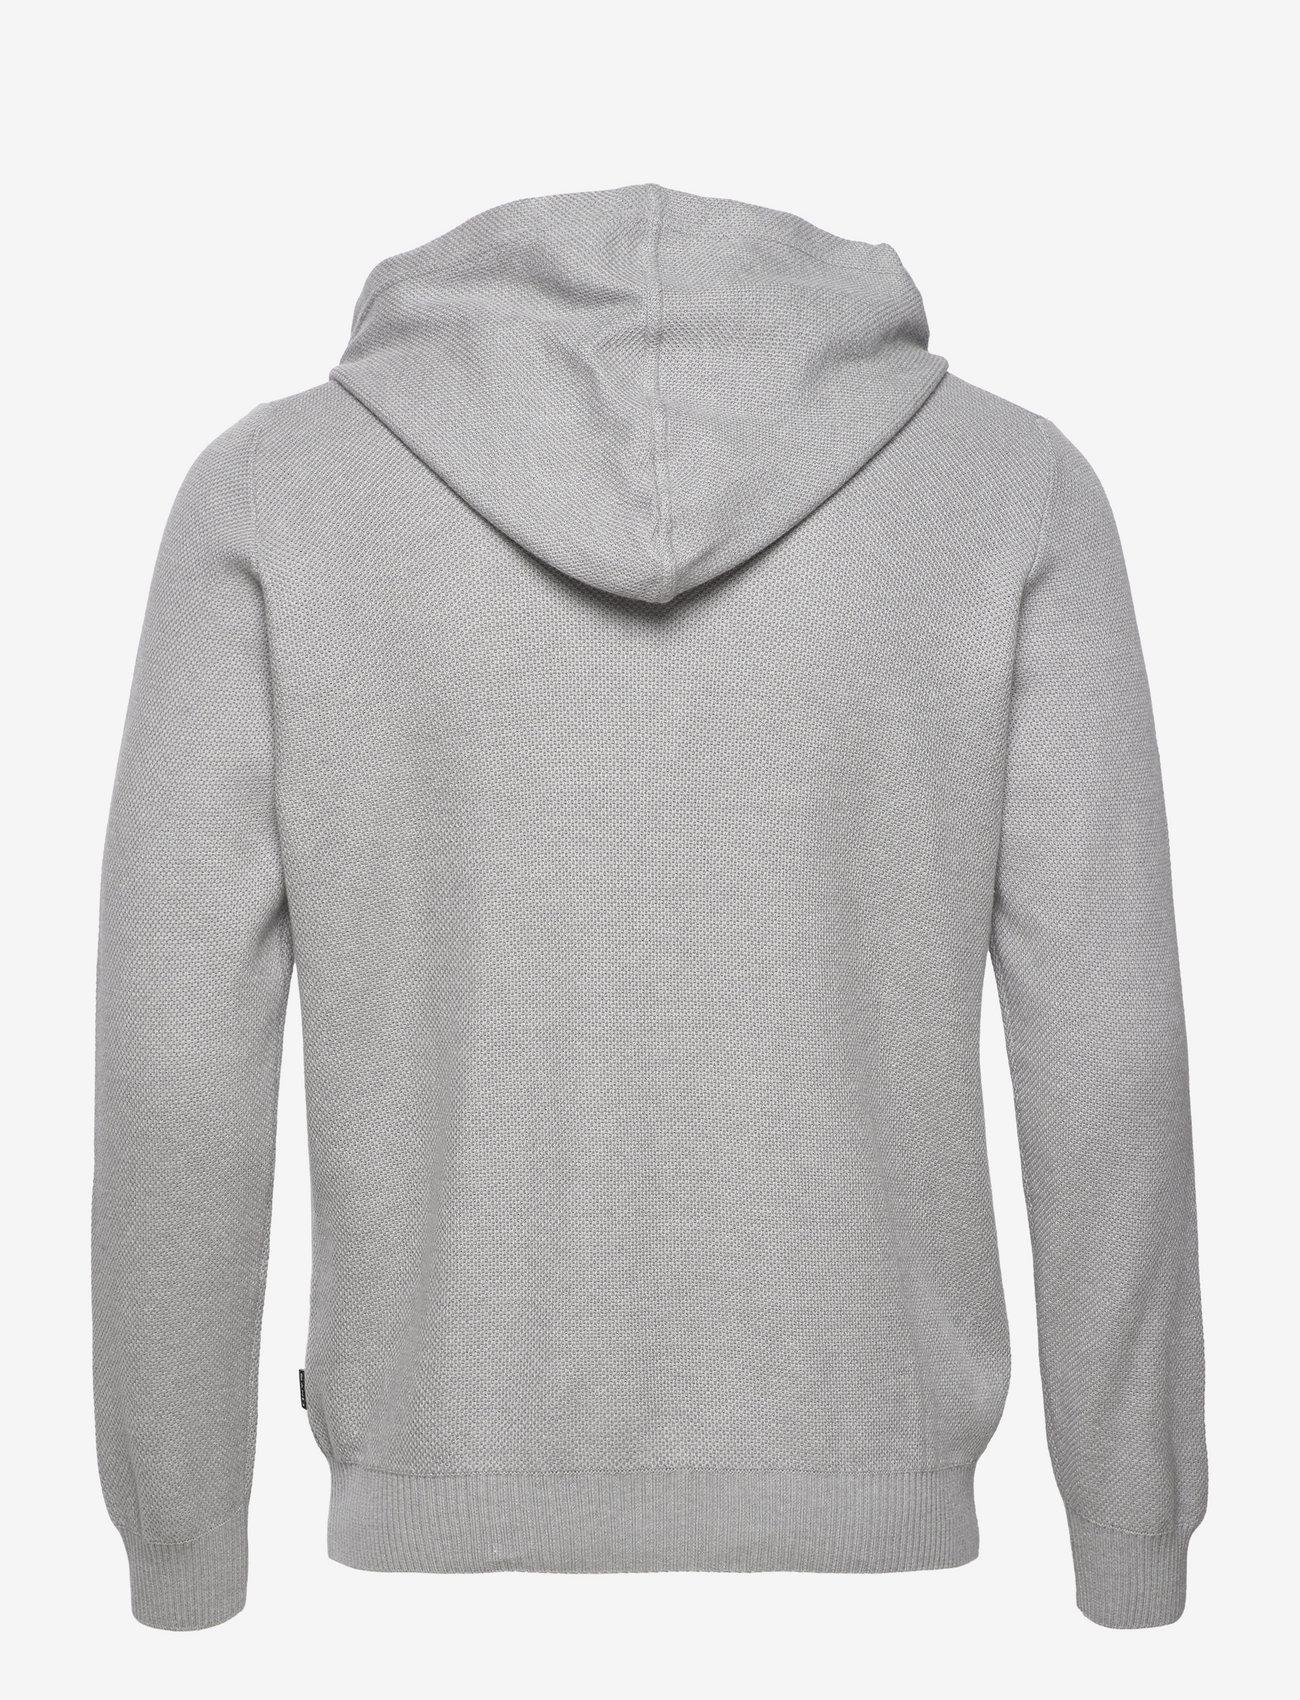 SAND - 5488 - Hoodie Ingram - basic sweatshirts - grey - 1